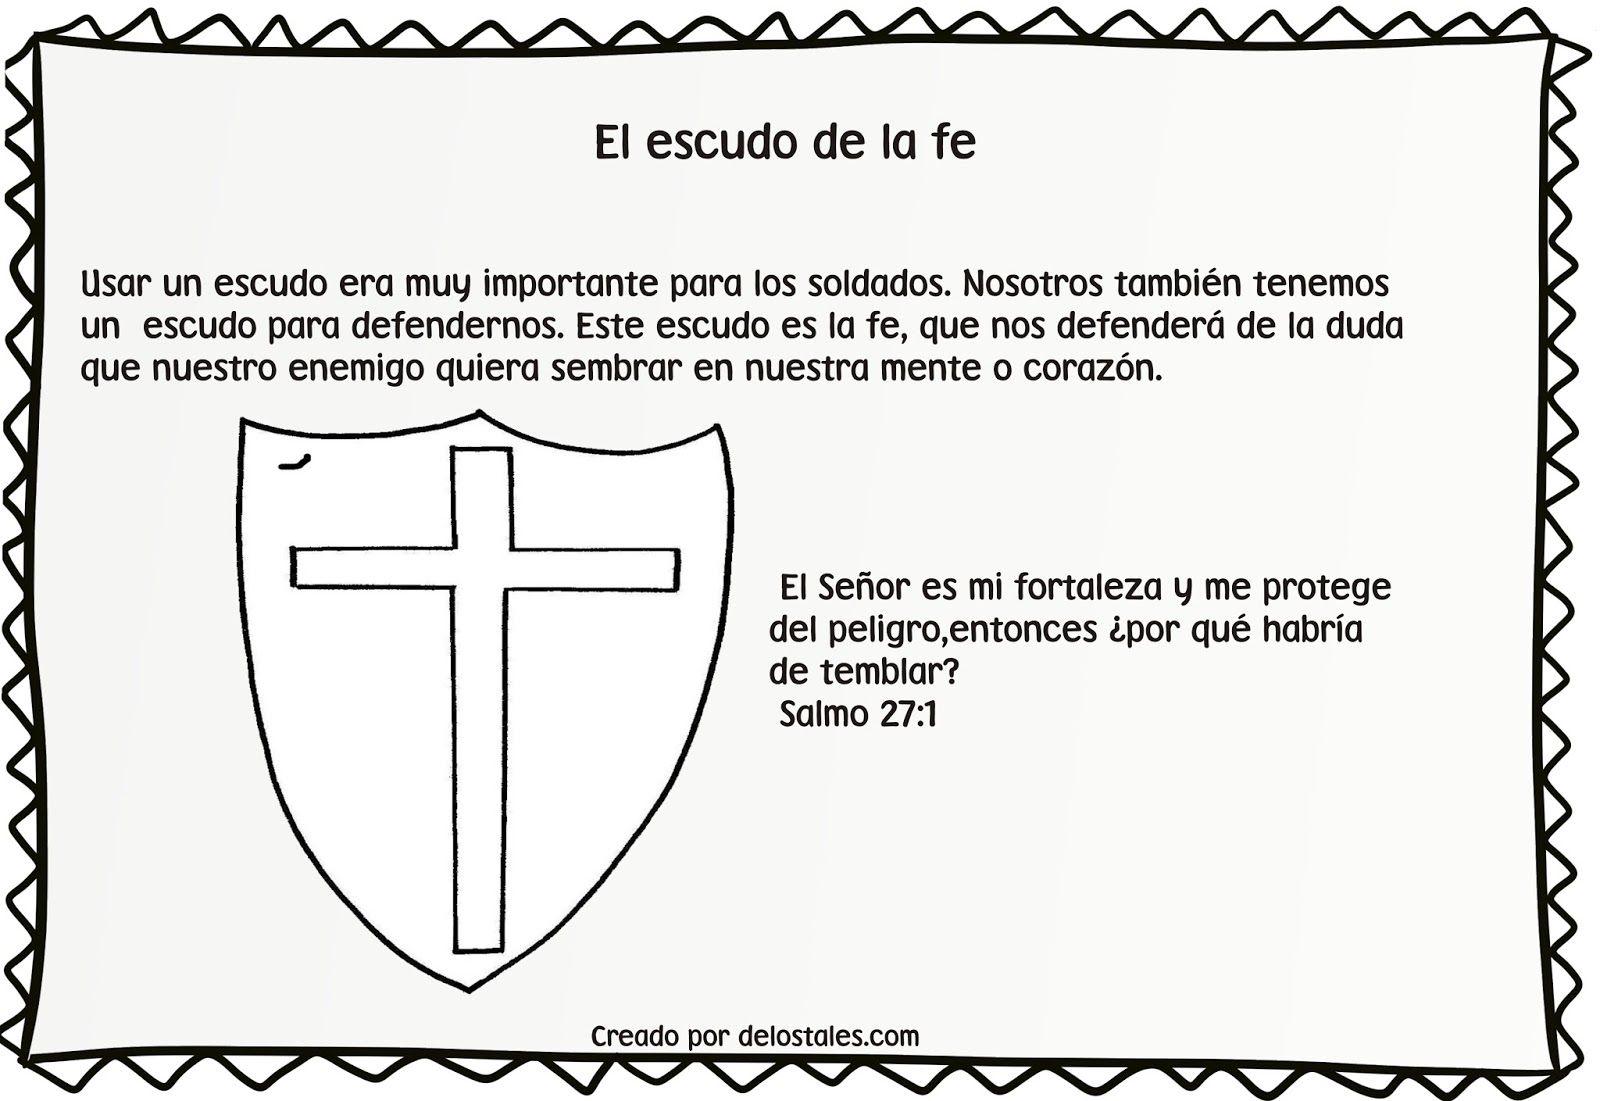 Recursos Cristianos Para Ninos | www.imagenesmy.com